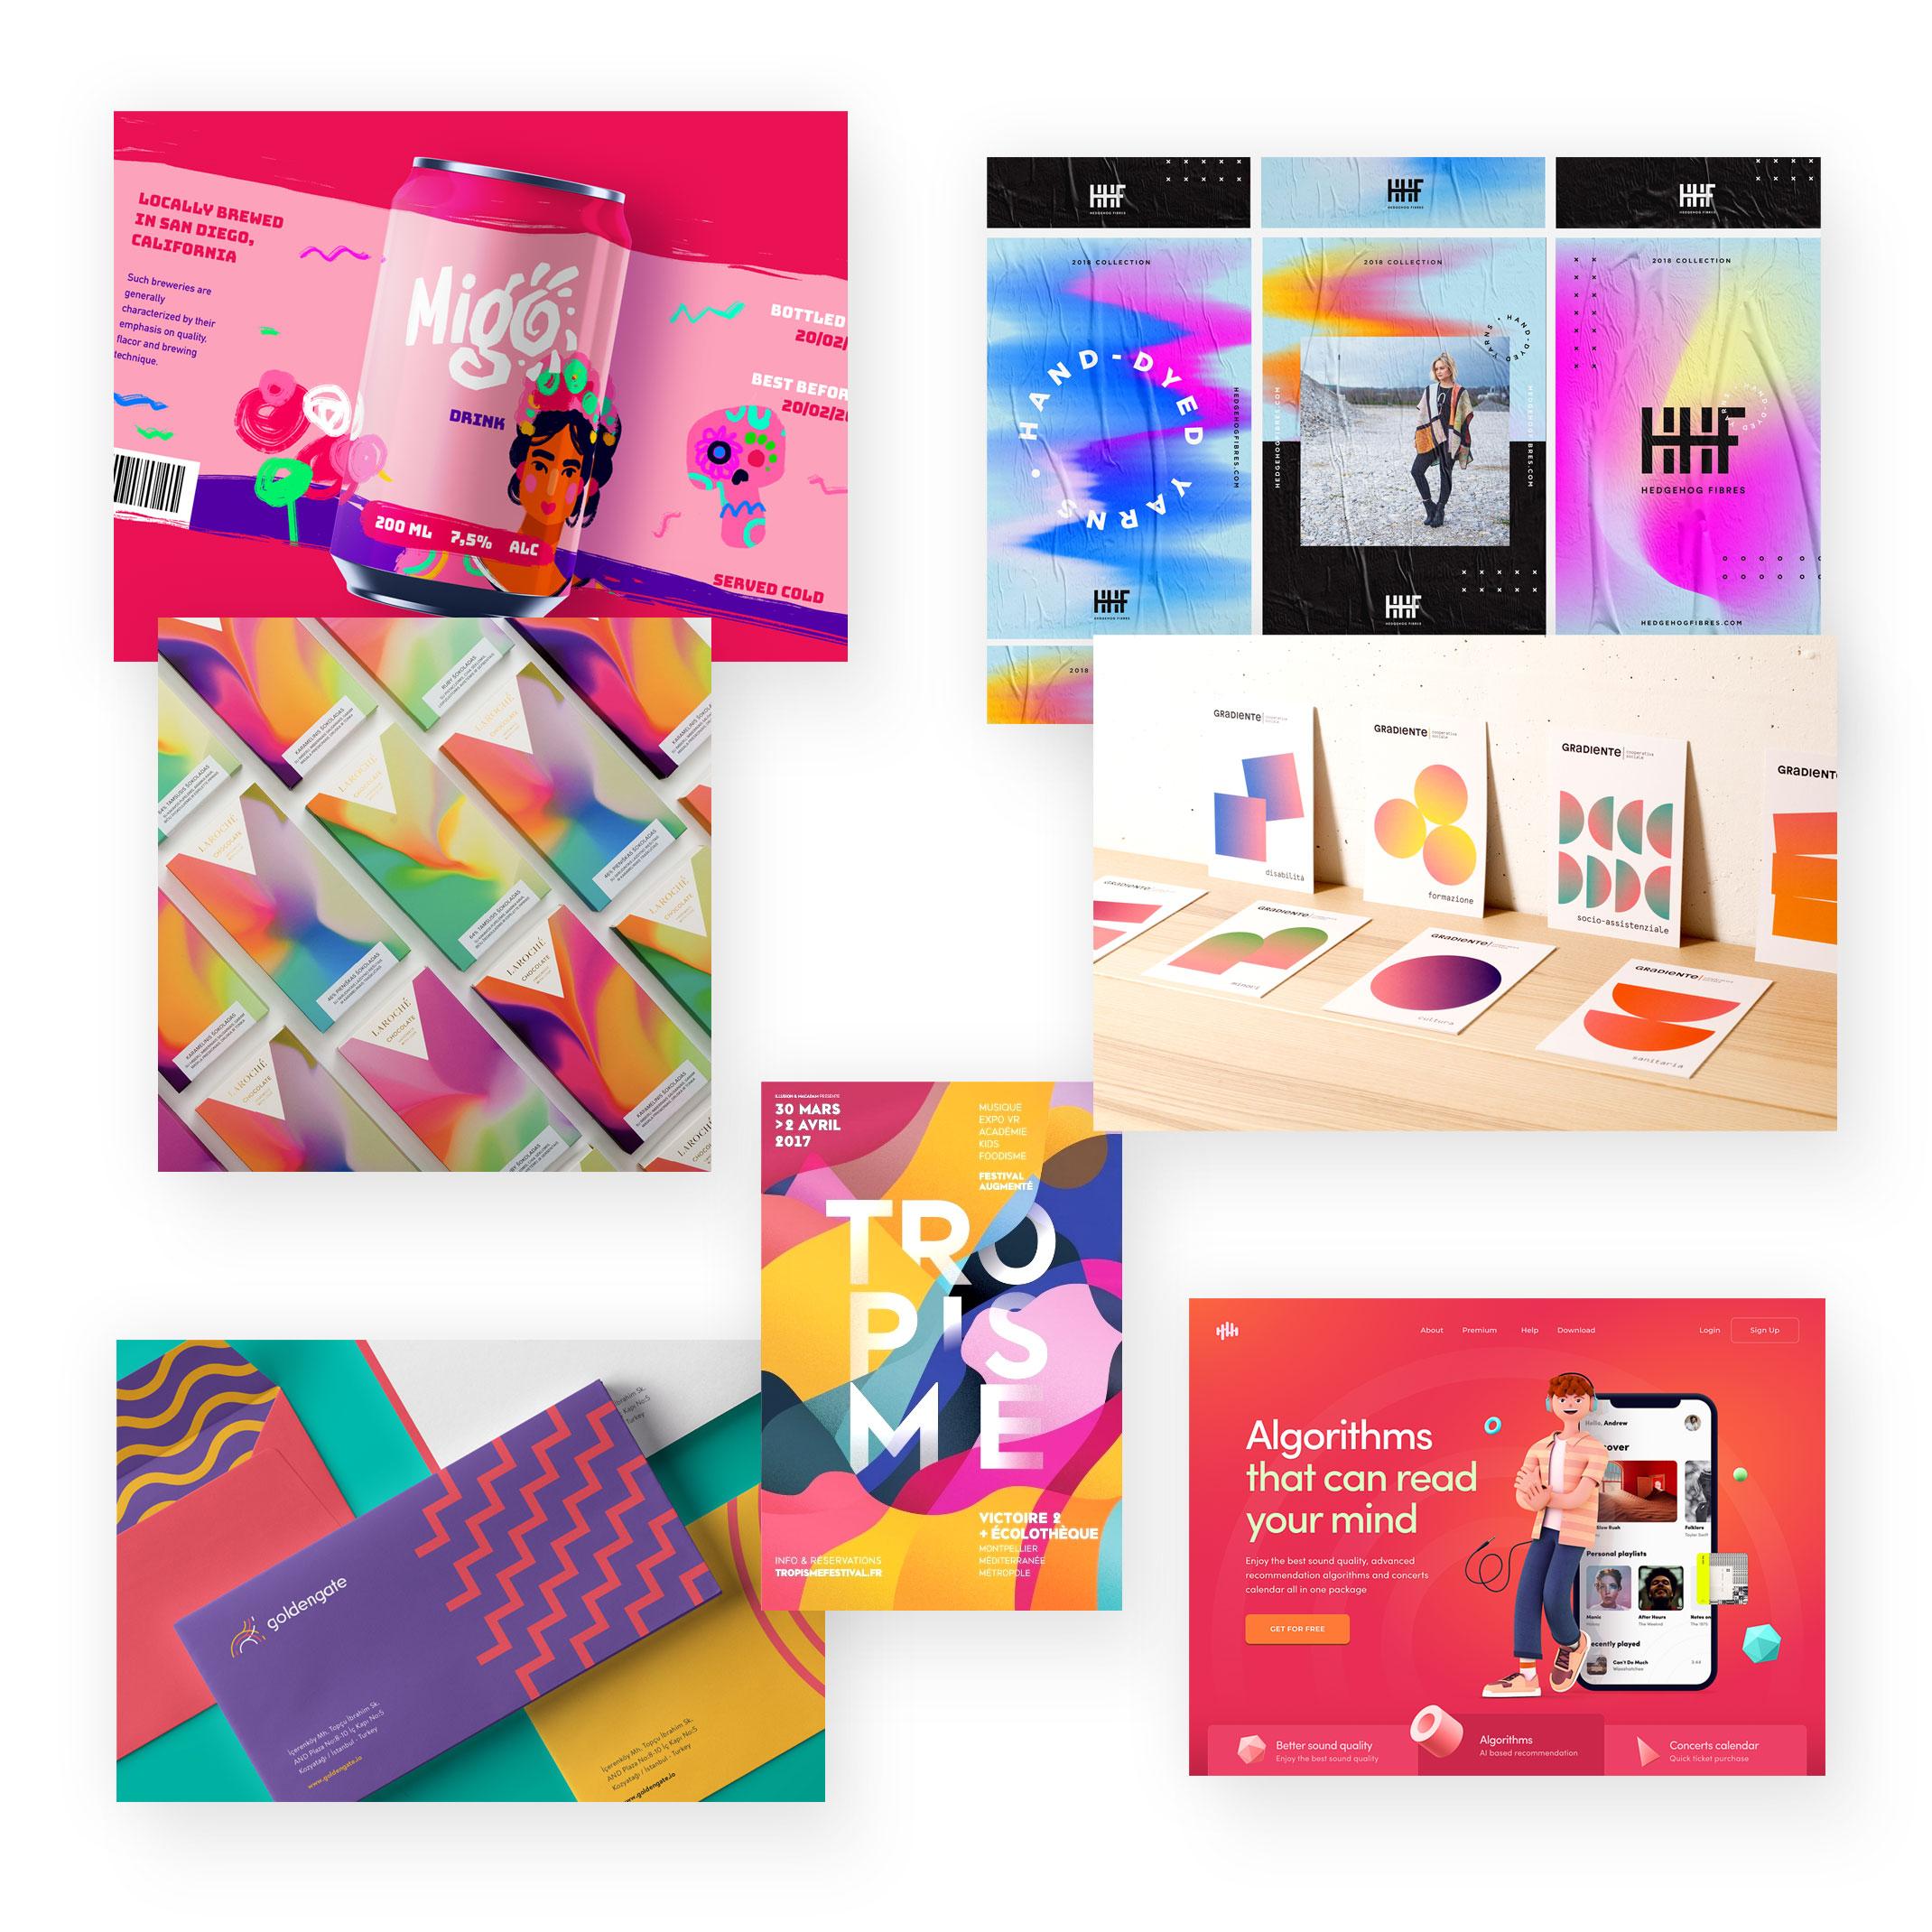 Leuchtende Farben und komplexe Farbverläufe